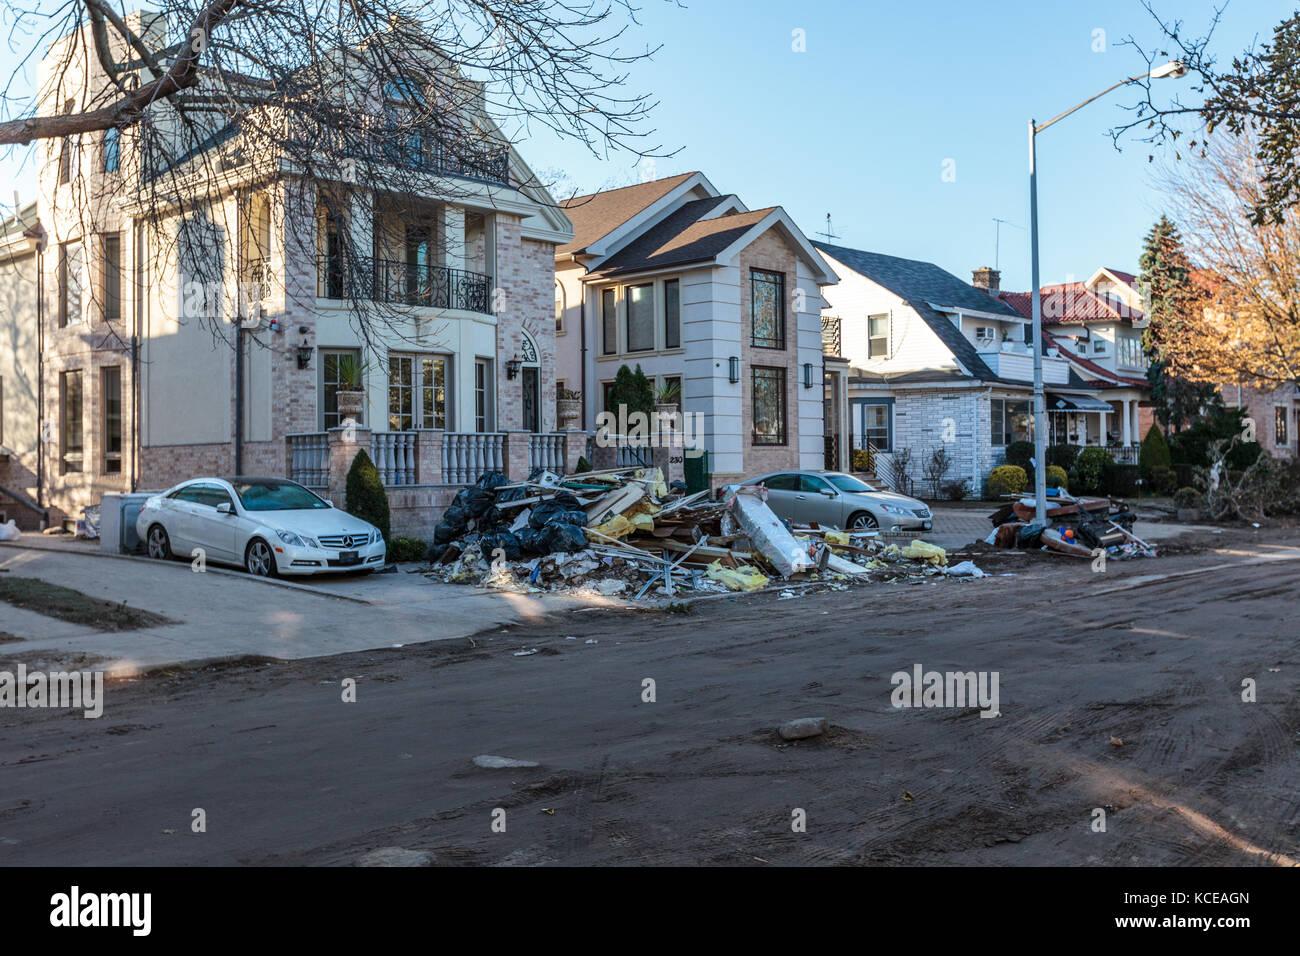 Hurrikan Sandy Schäden in New York City, State Bereich Stockbild